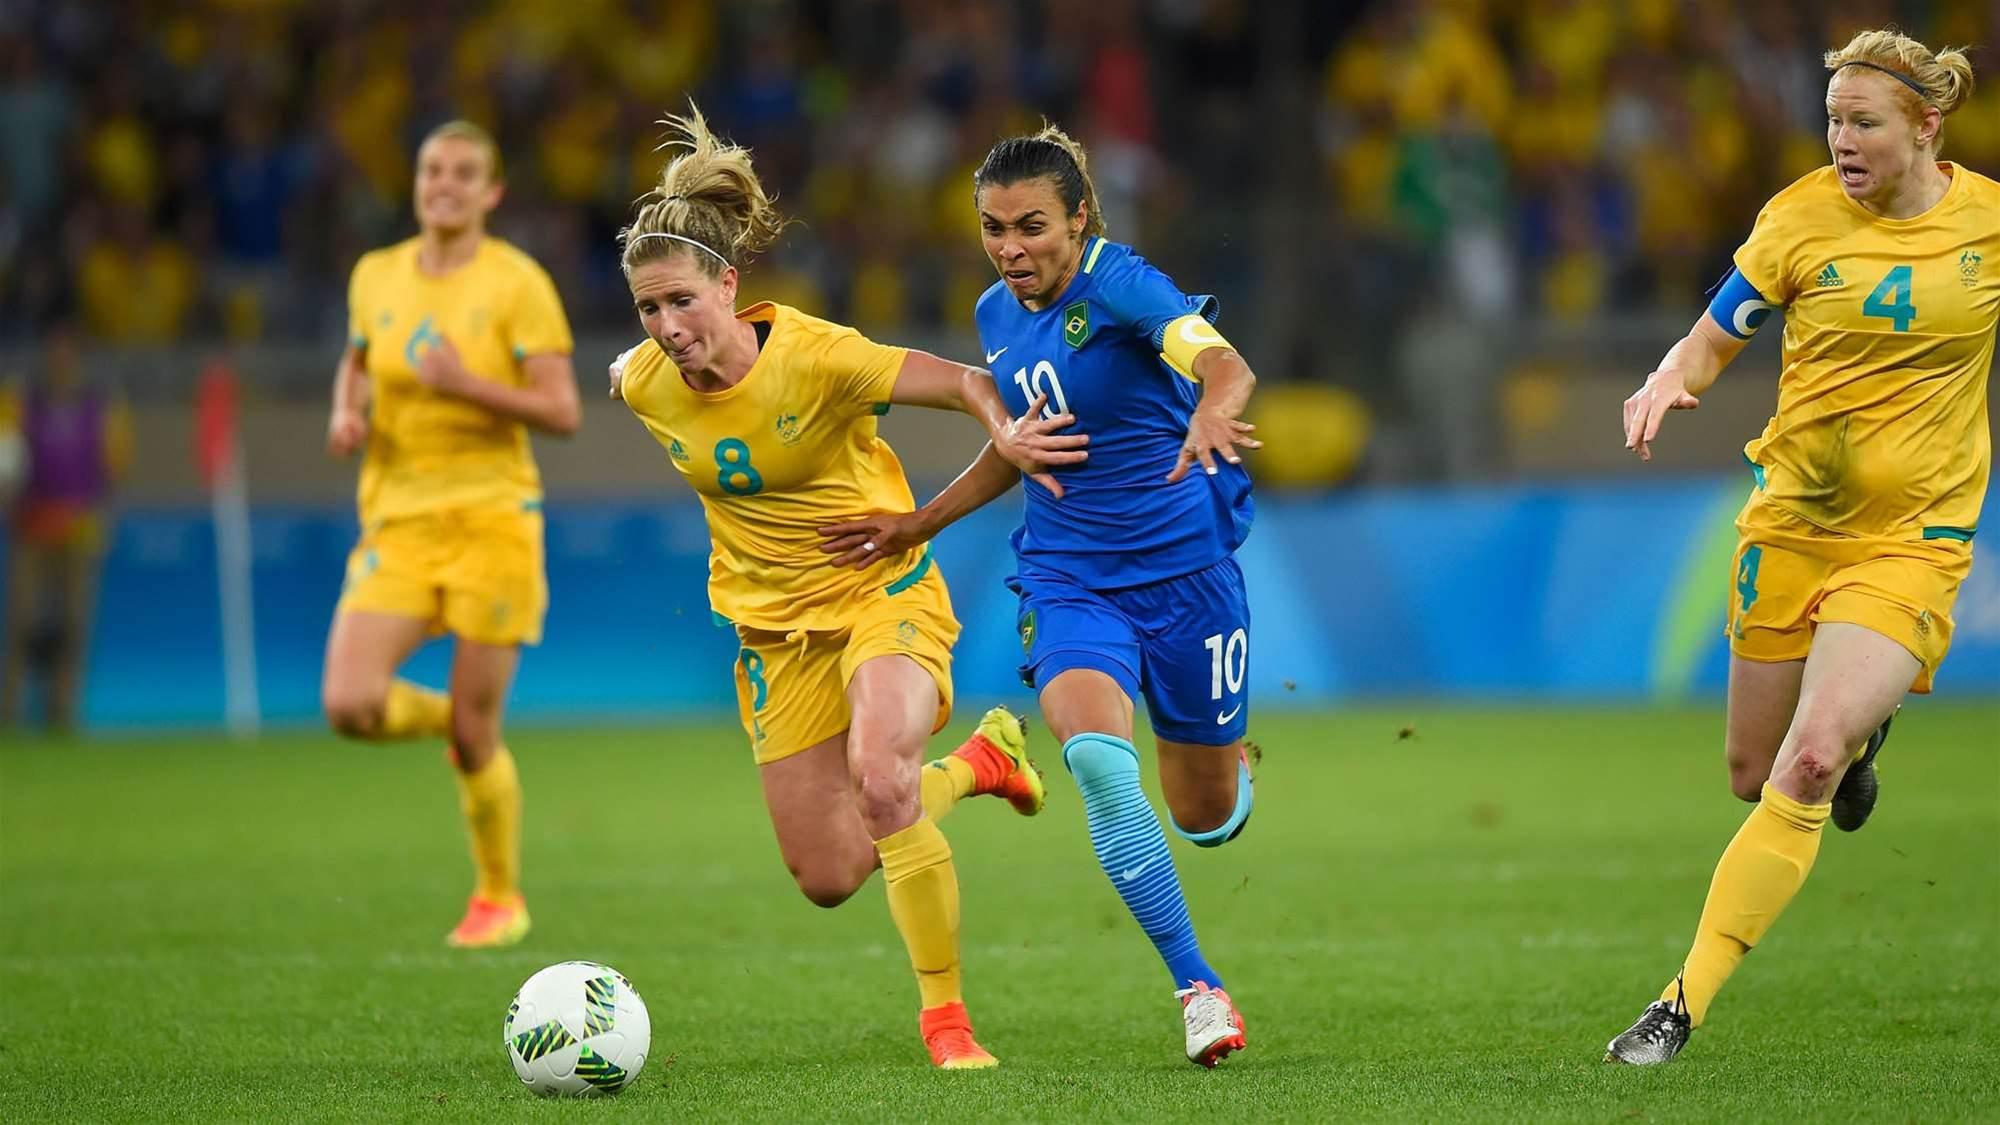 Matildas' loss: Twitter reacts